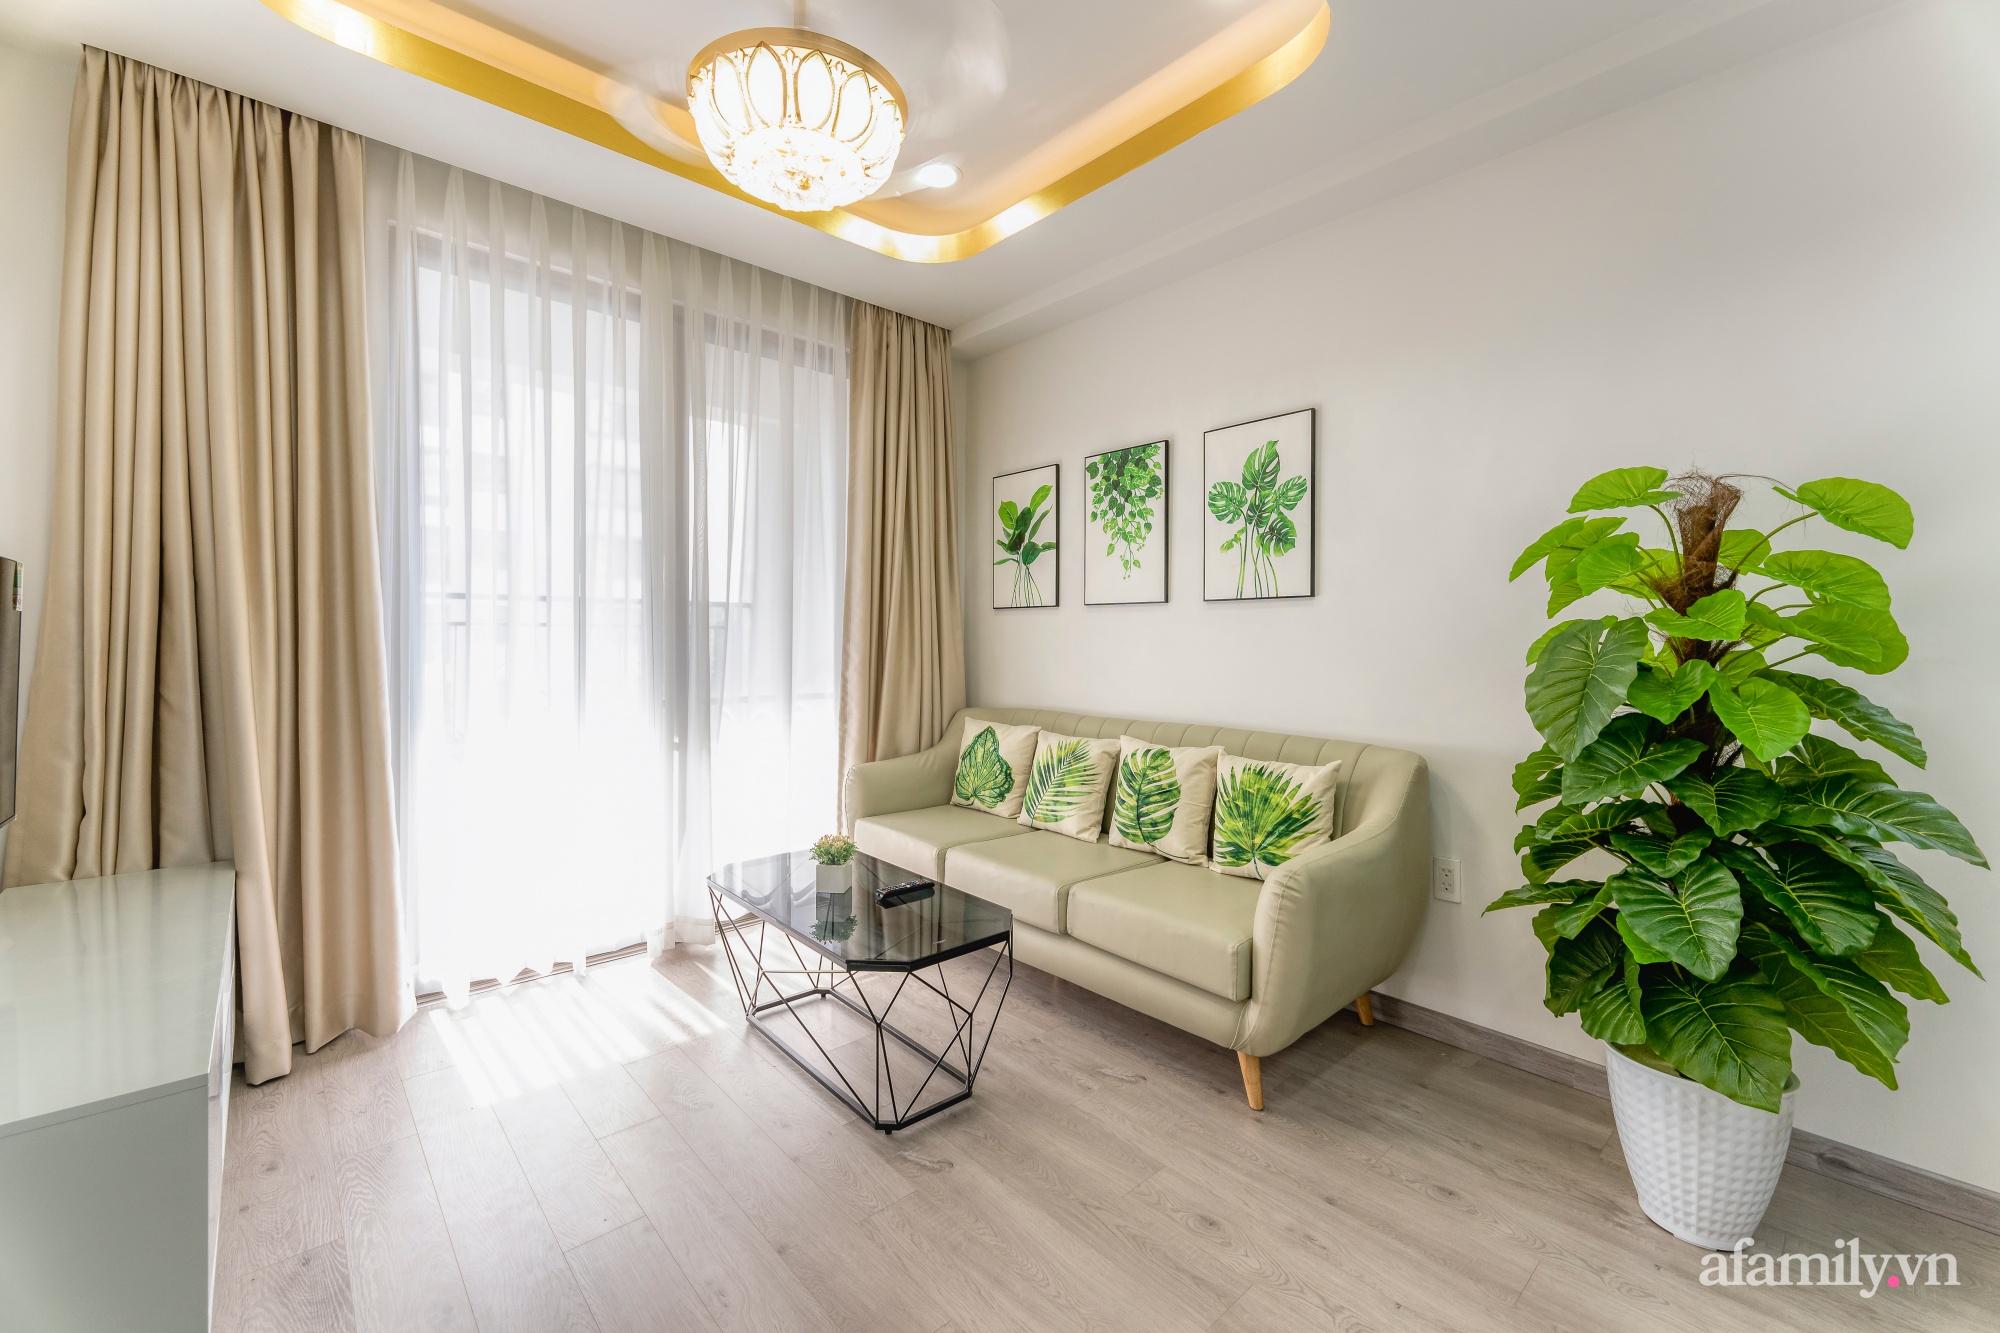 Căn hộ 70m² ghi điểm với không gian thoáng sáng cùng sắc màu gần gũi với thiên nhiên ở Sài Gòn - Ảnh 8.